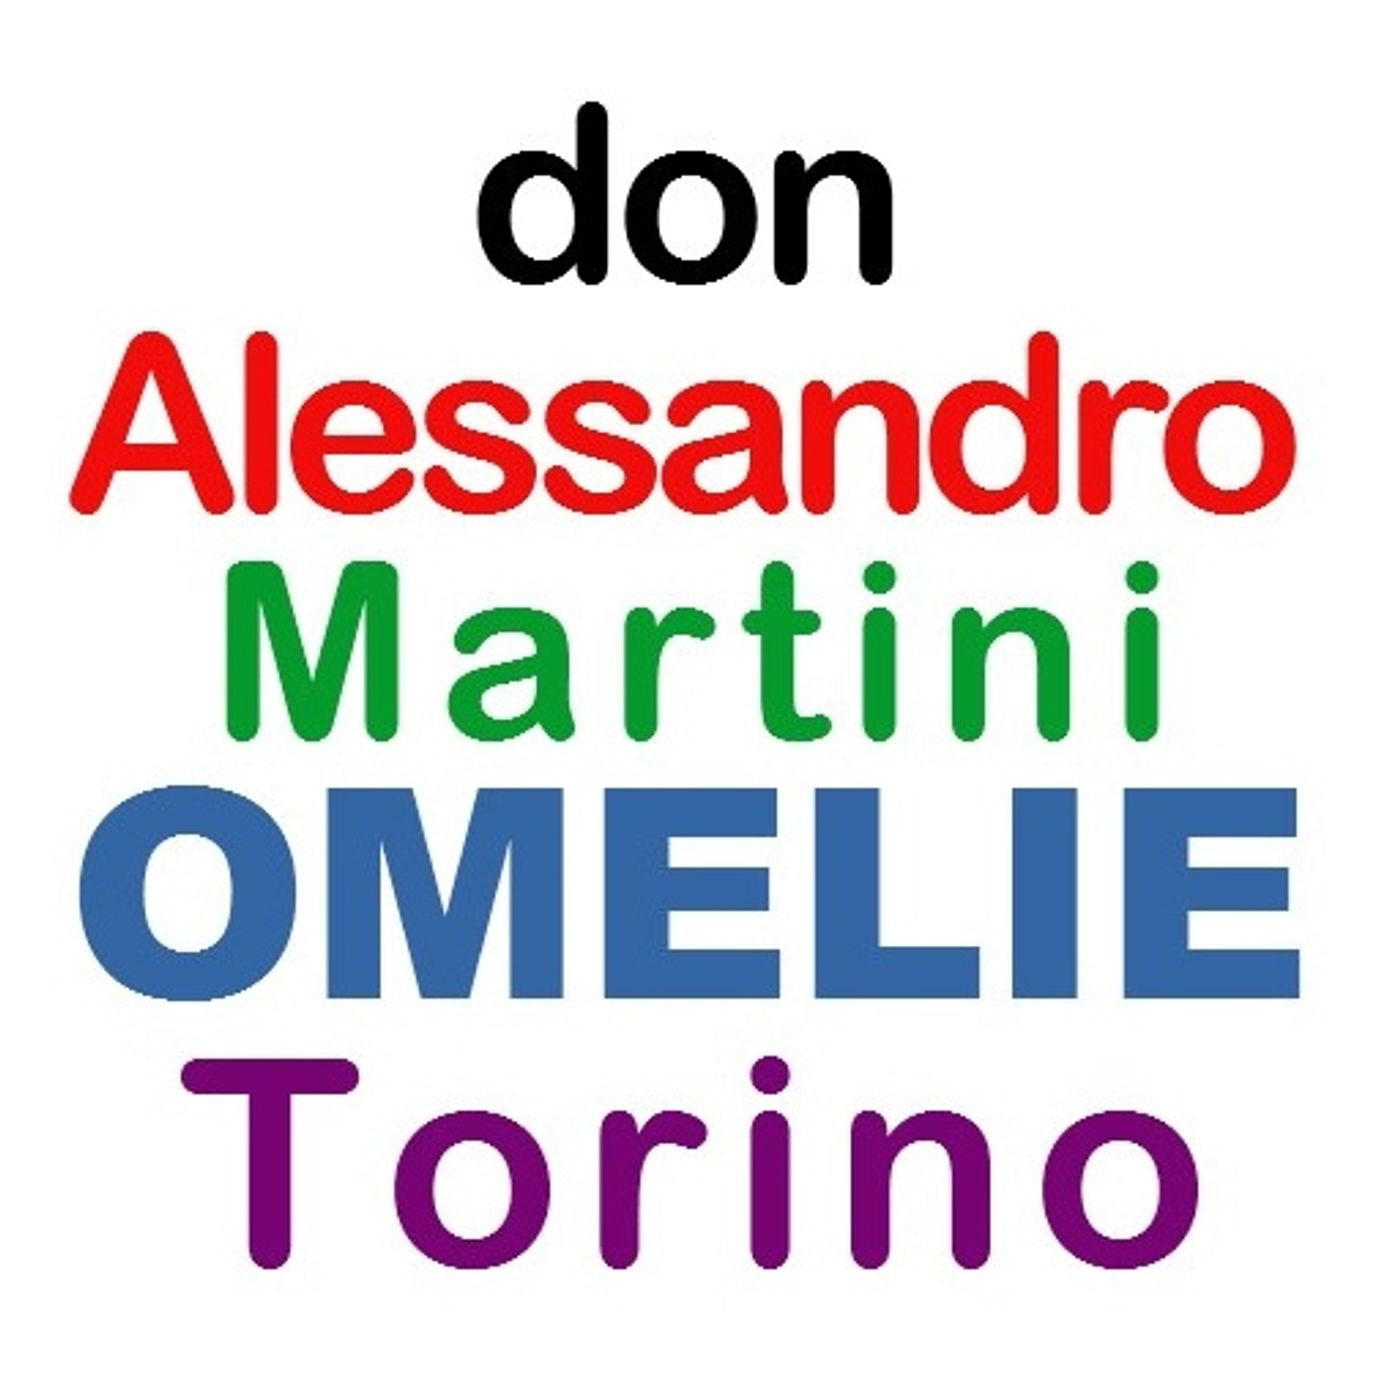 Domenica 24 A T.Ordinario